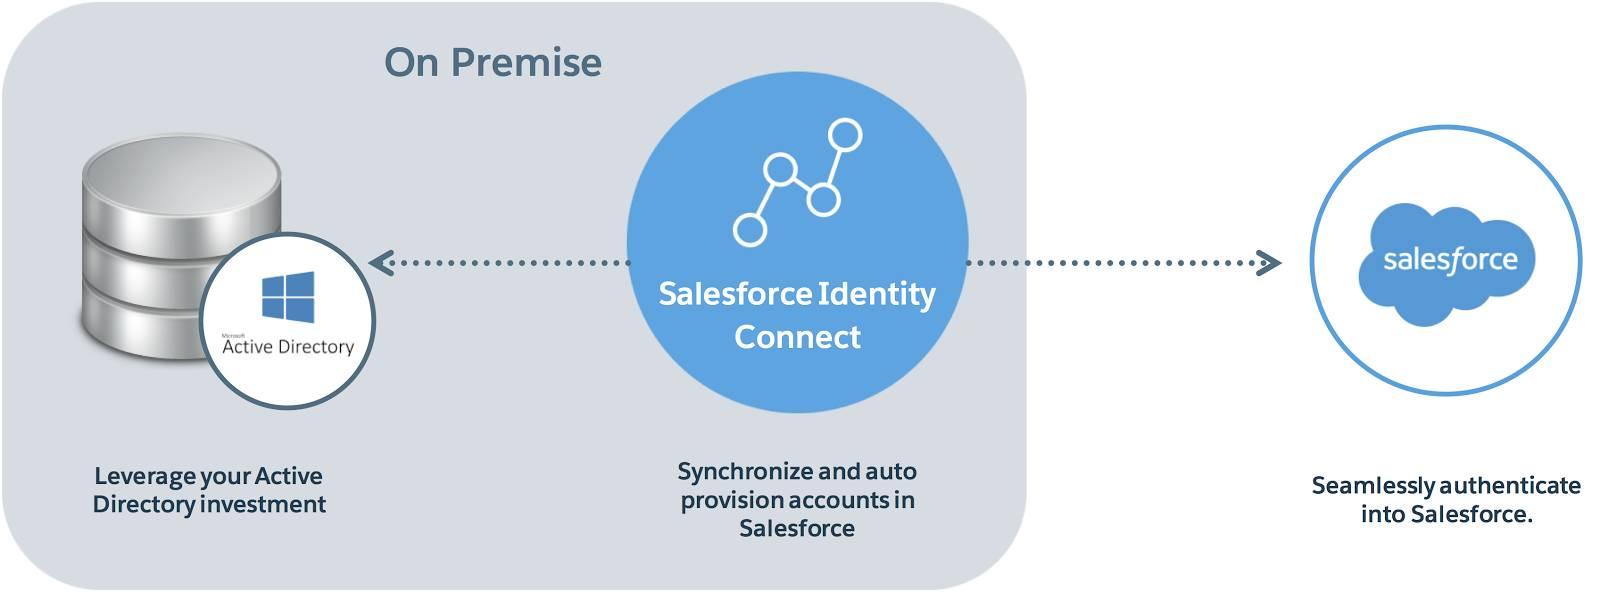 Ein Kreis mit der Bezeichnung Salesforce Identity Connect, mit einem Pfeil, der auf einen Microsoft Active Directory-Server zeigt, und einem weiteren Pfeil, der auf Salesforce zeigt, um zu zeigen, wie Salesforce Identity Connect Accounts systemweit synchronisiert.